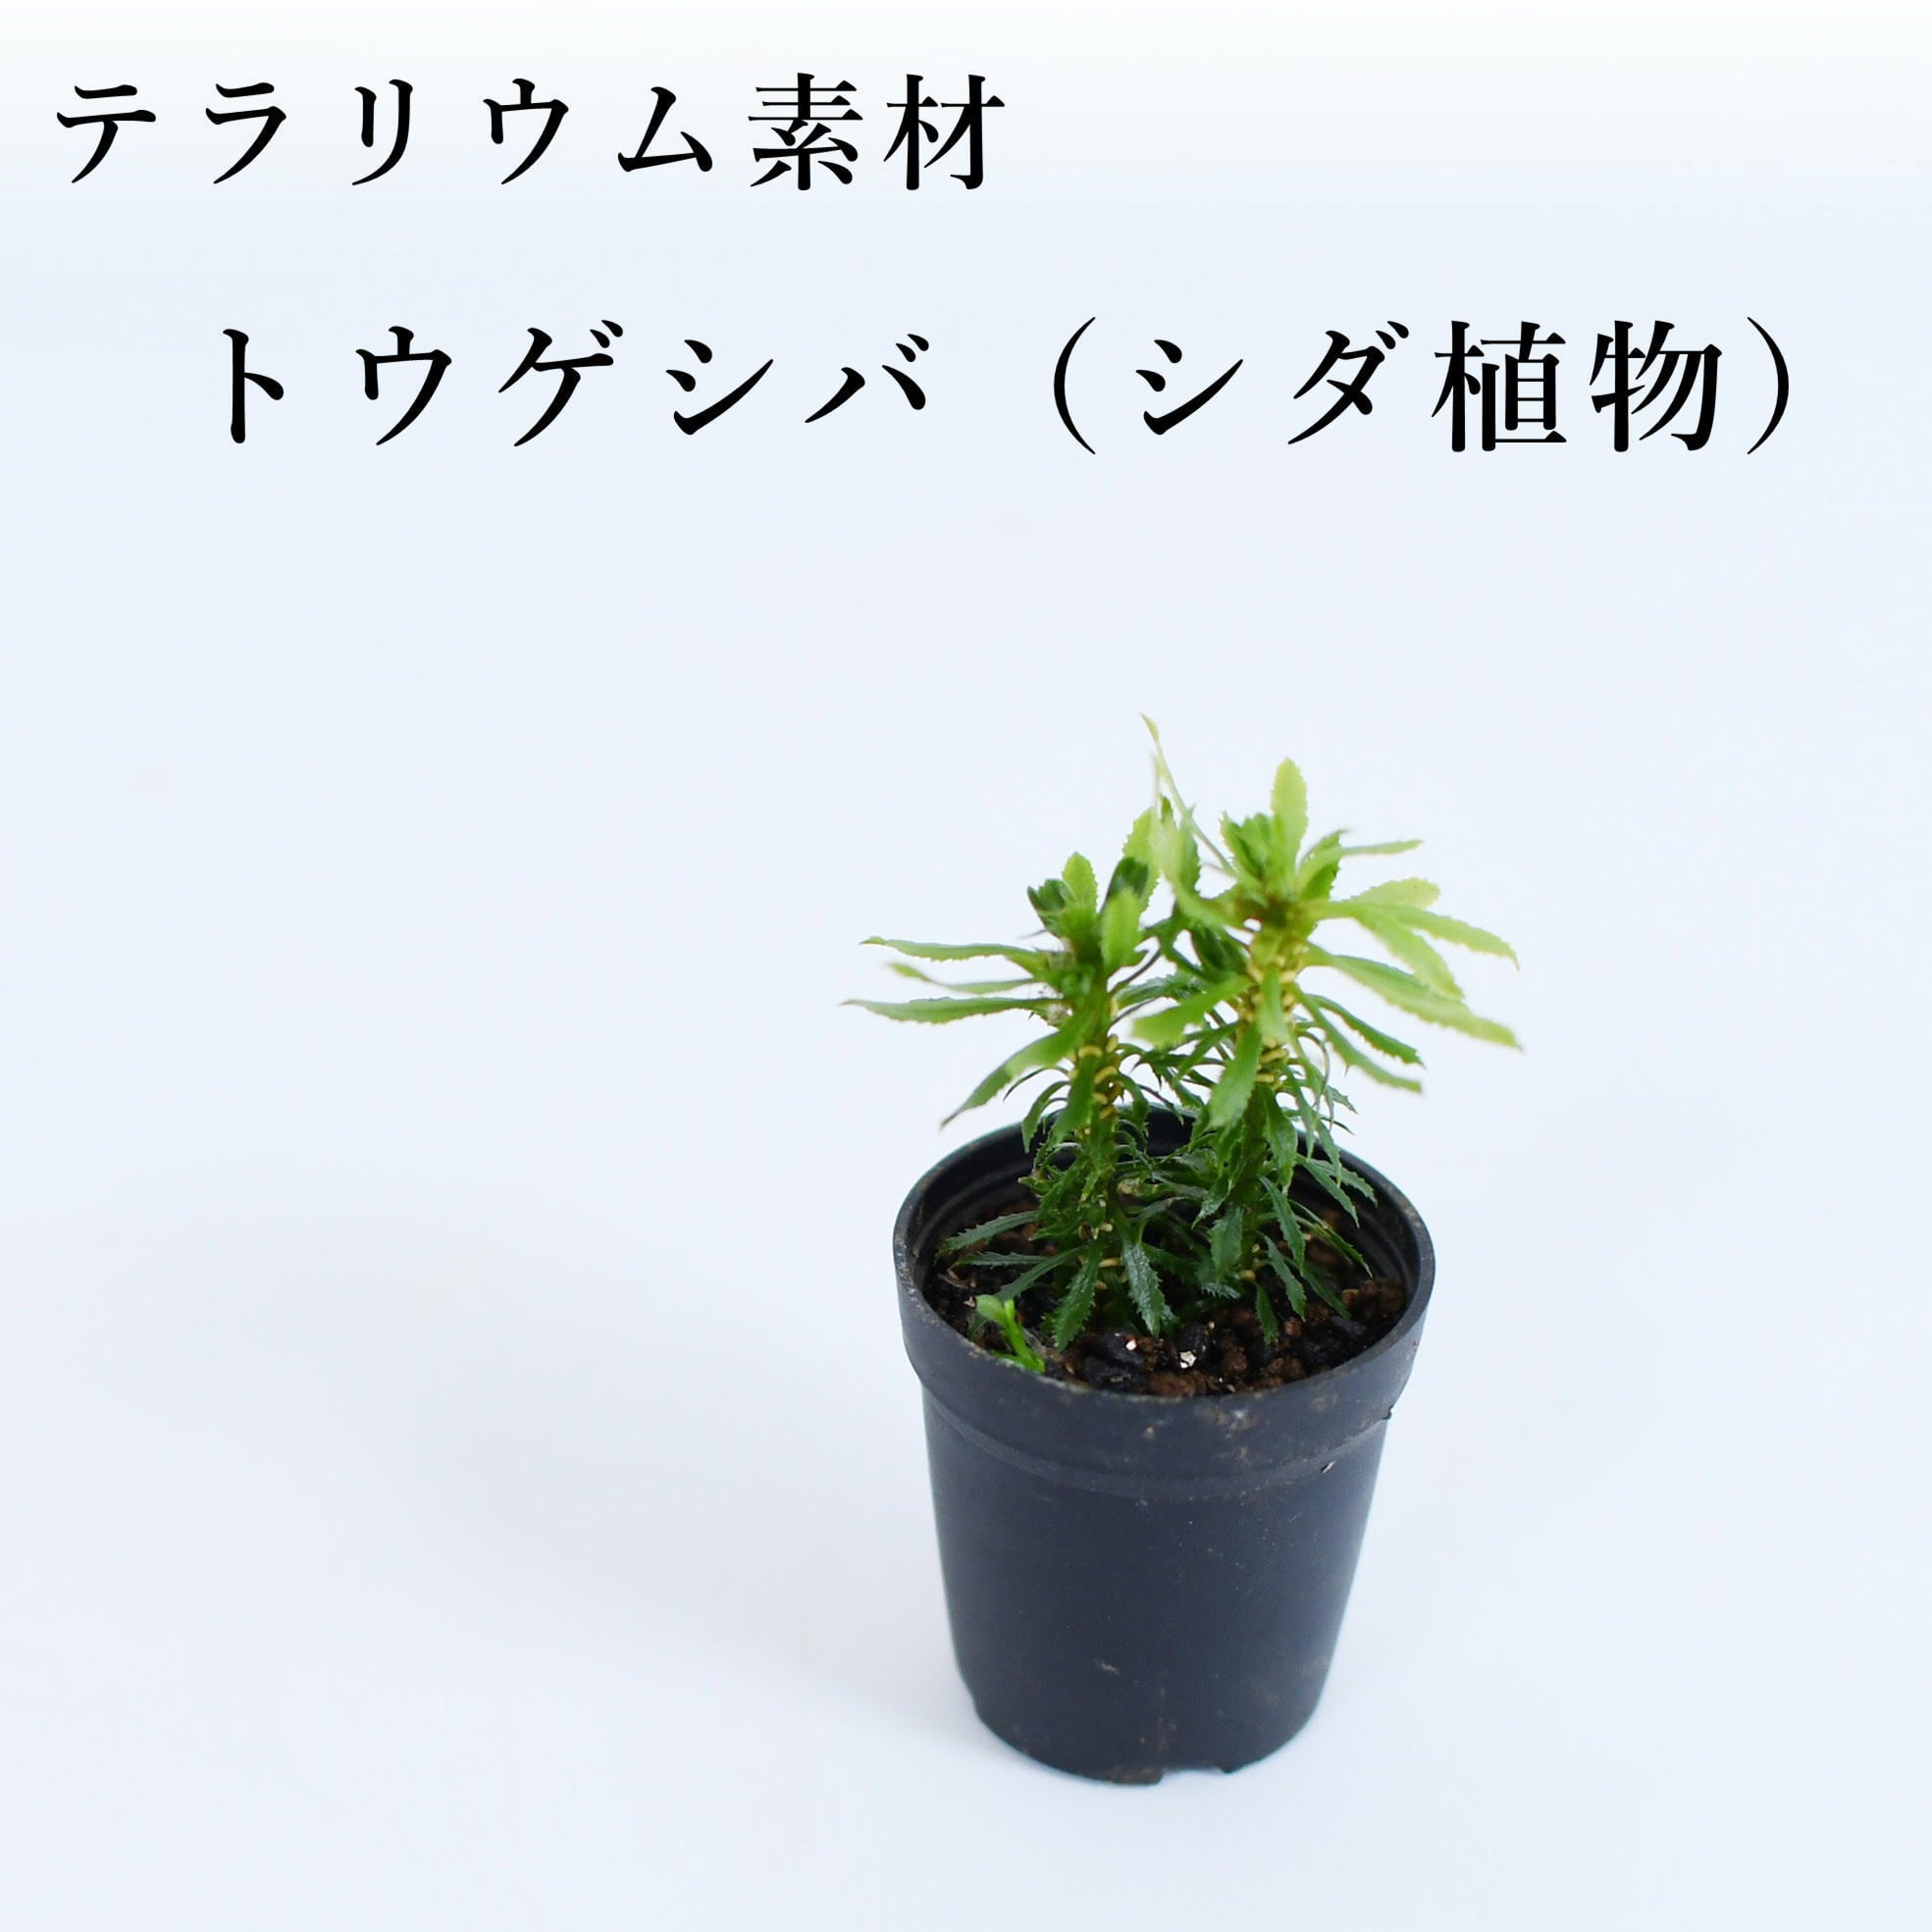 トウゲシバ(シダ植物) 苔テラリウム作製用素材